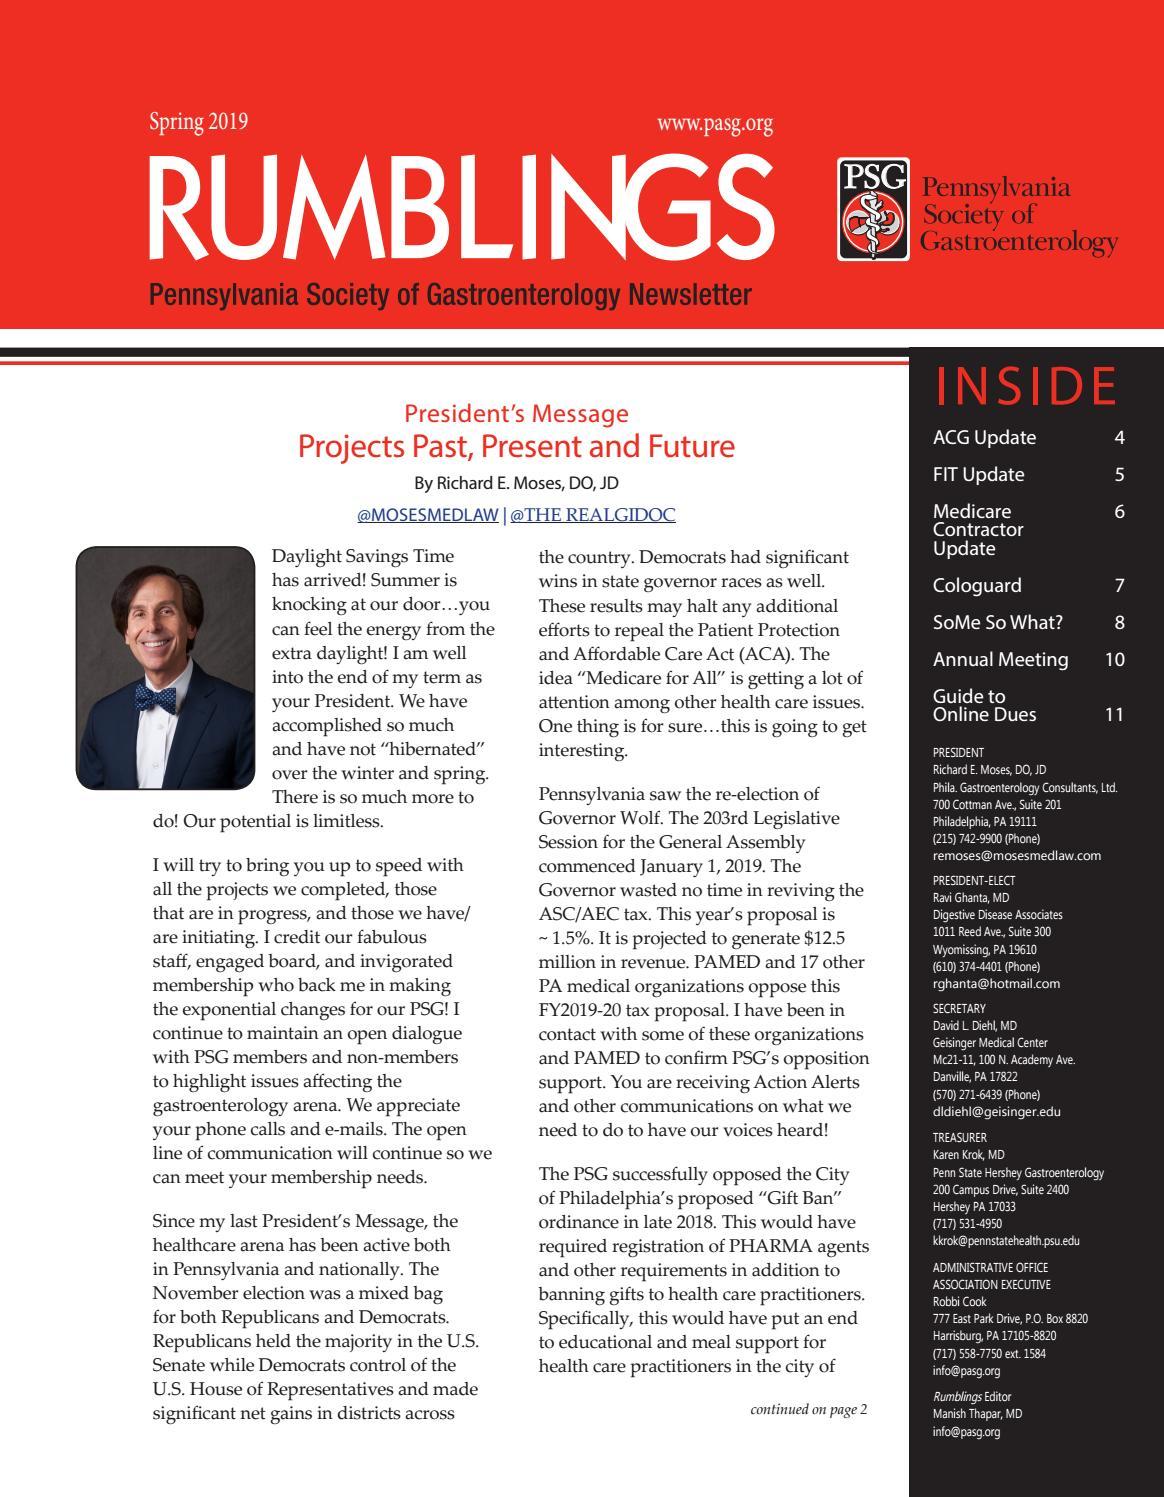 PSG Rumblings - Spring 2019 by SSMS - issuu